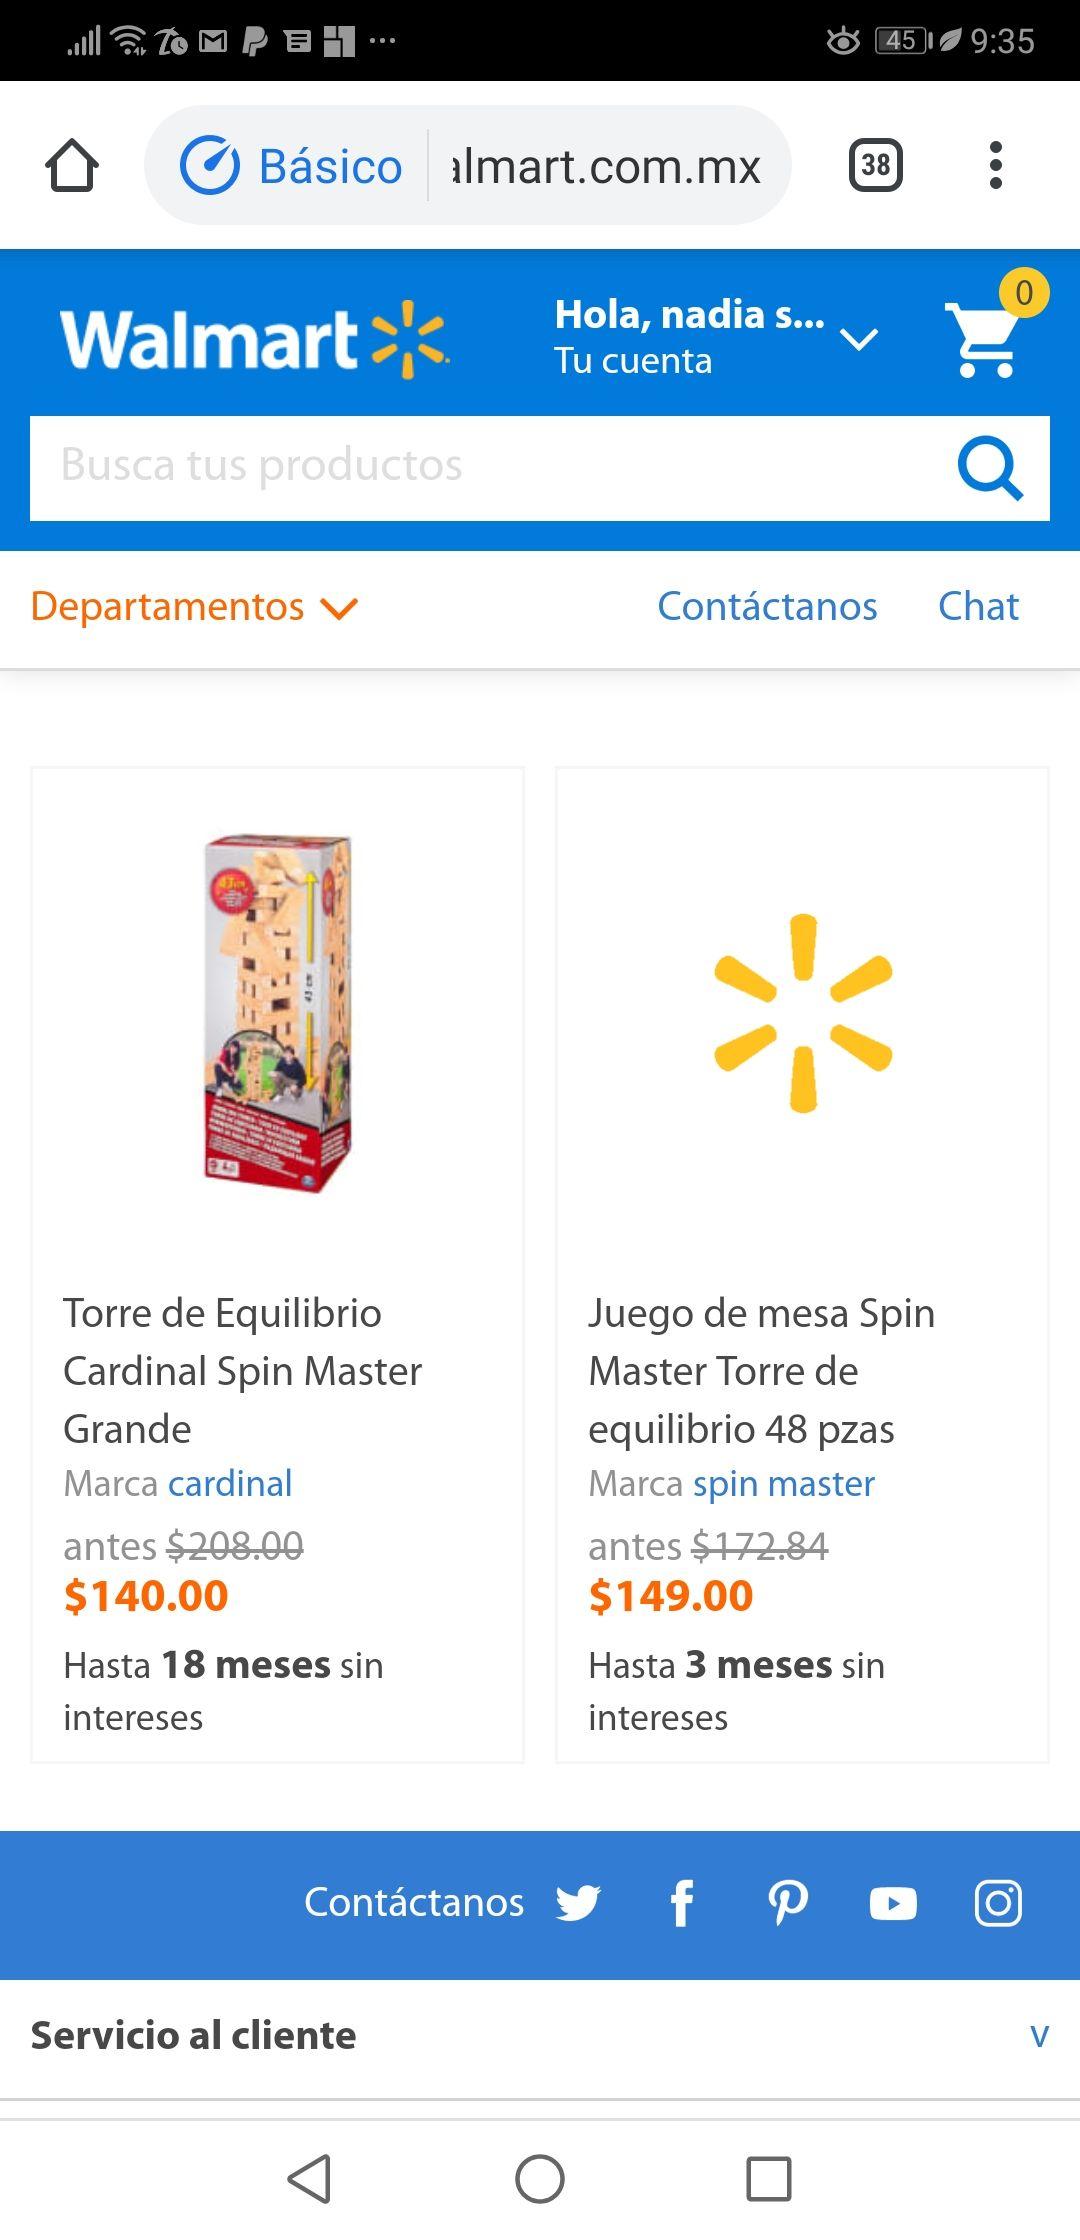 Walmart en linea: Torre de equilibrio grande, al precio q estuvo en amazon